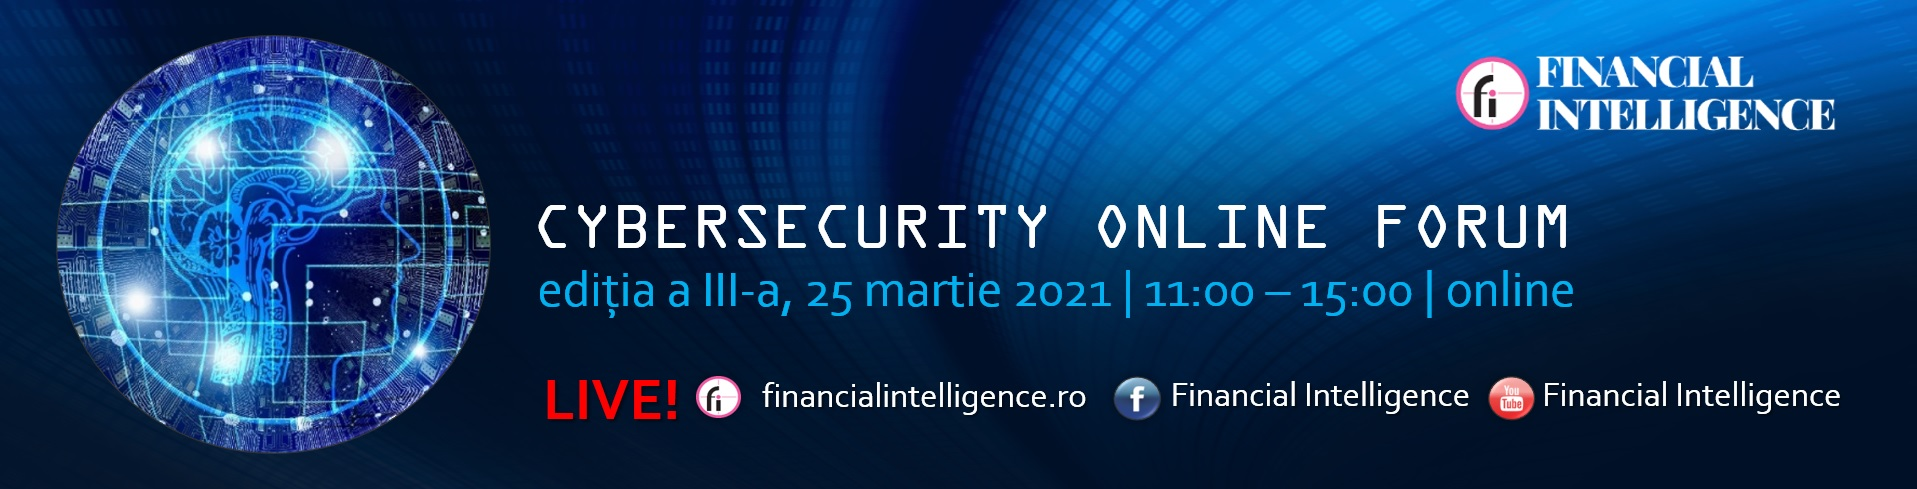 https://financialintelligence.ro/cybersecurity-online-forum-2021/